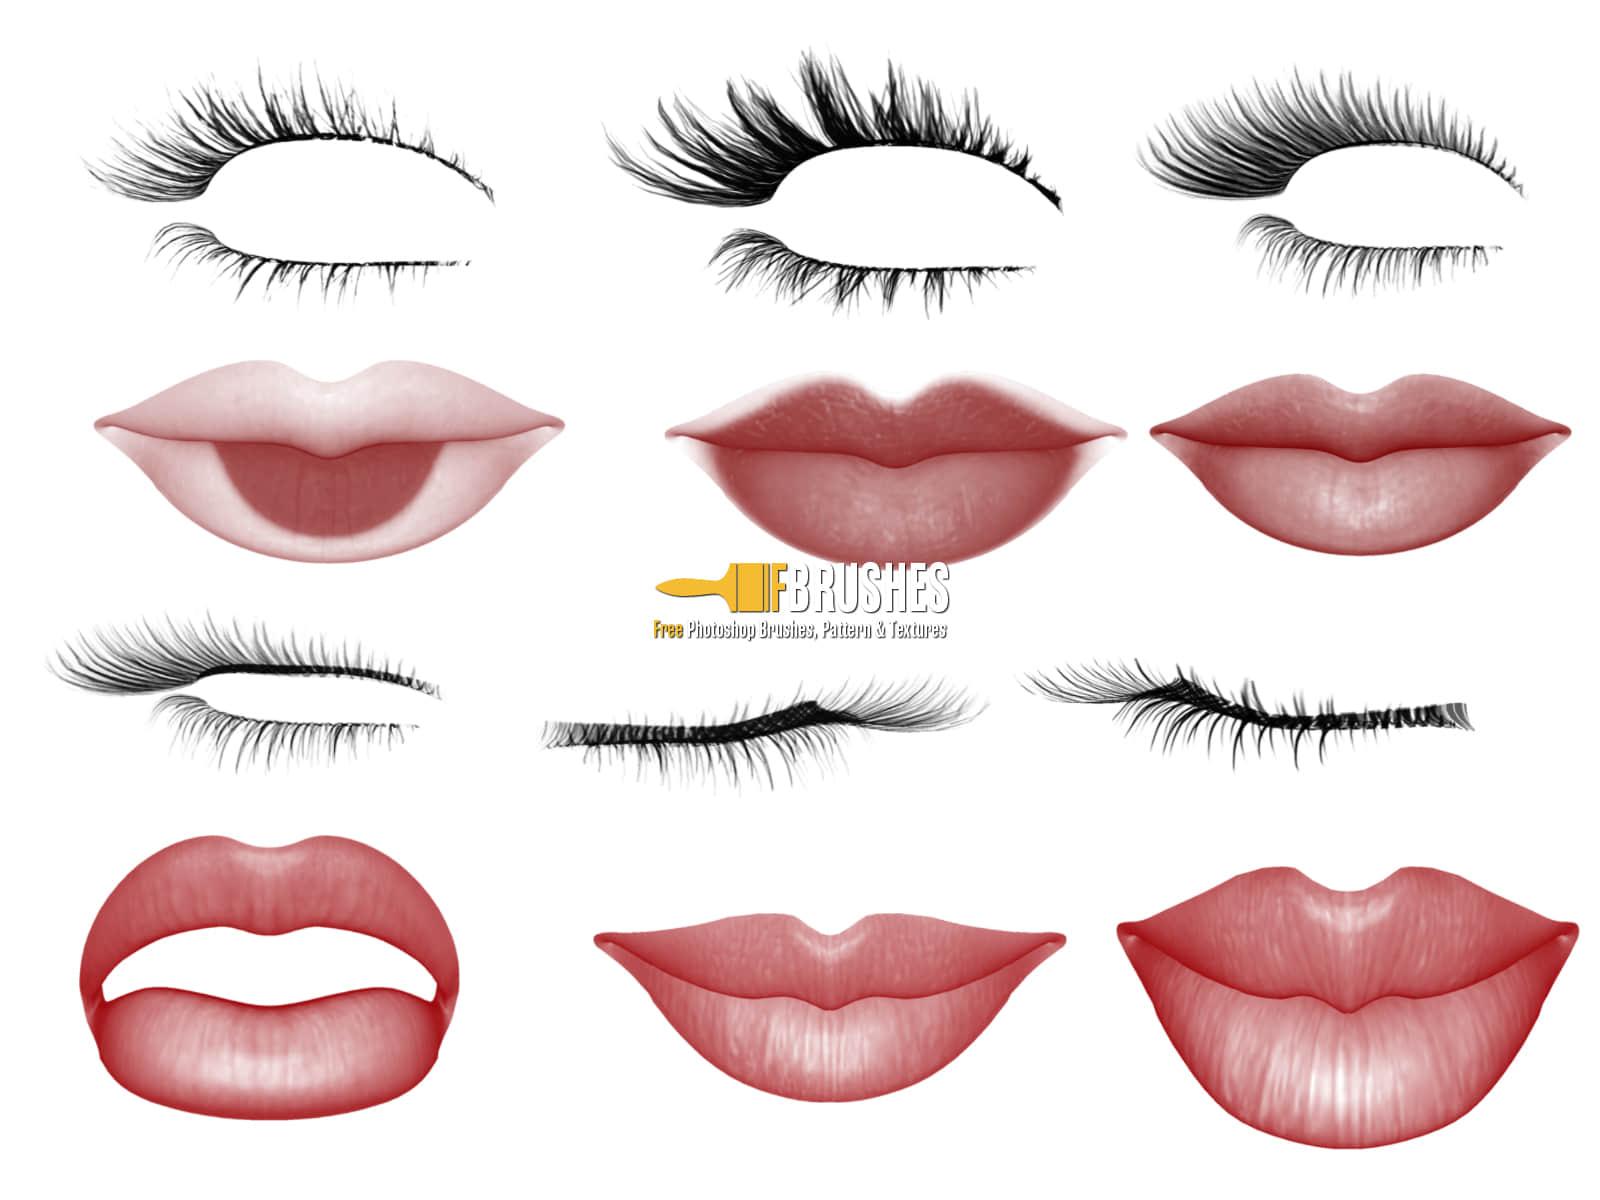 女性睫毛与性感红唇、嘴唇PS笔刷下载 红唇笔刷 睫毛笔刷 嘴唇笔刷  characters brushes